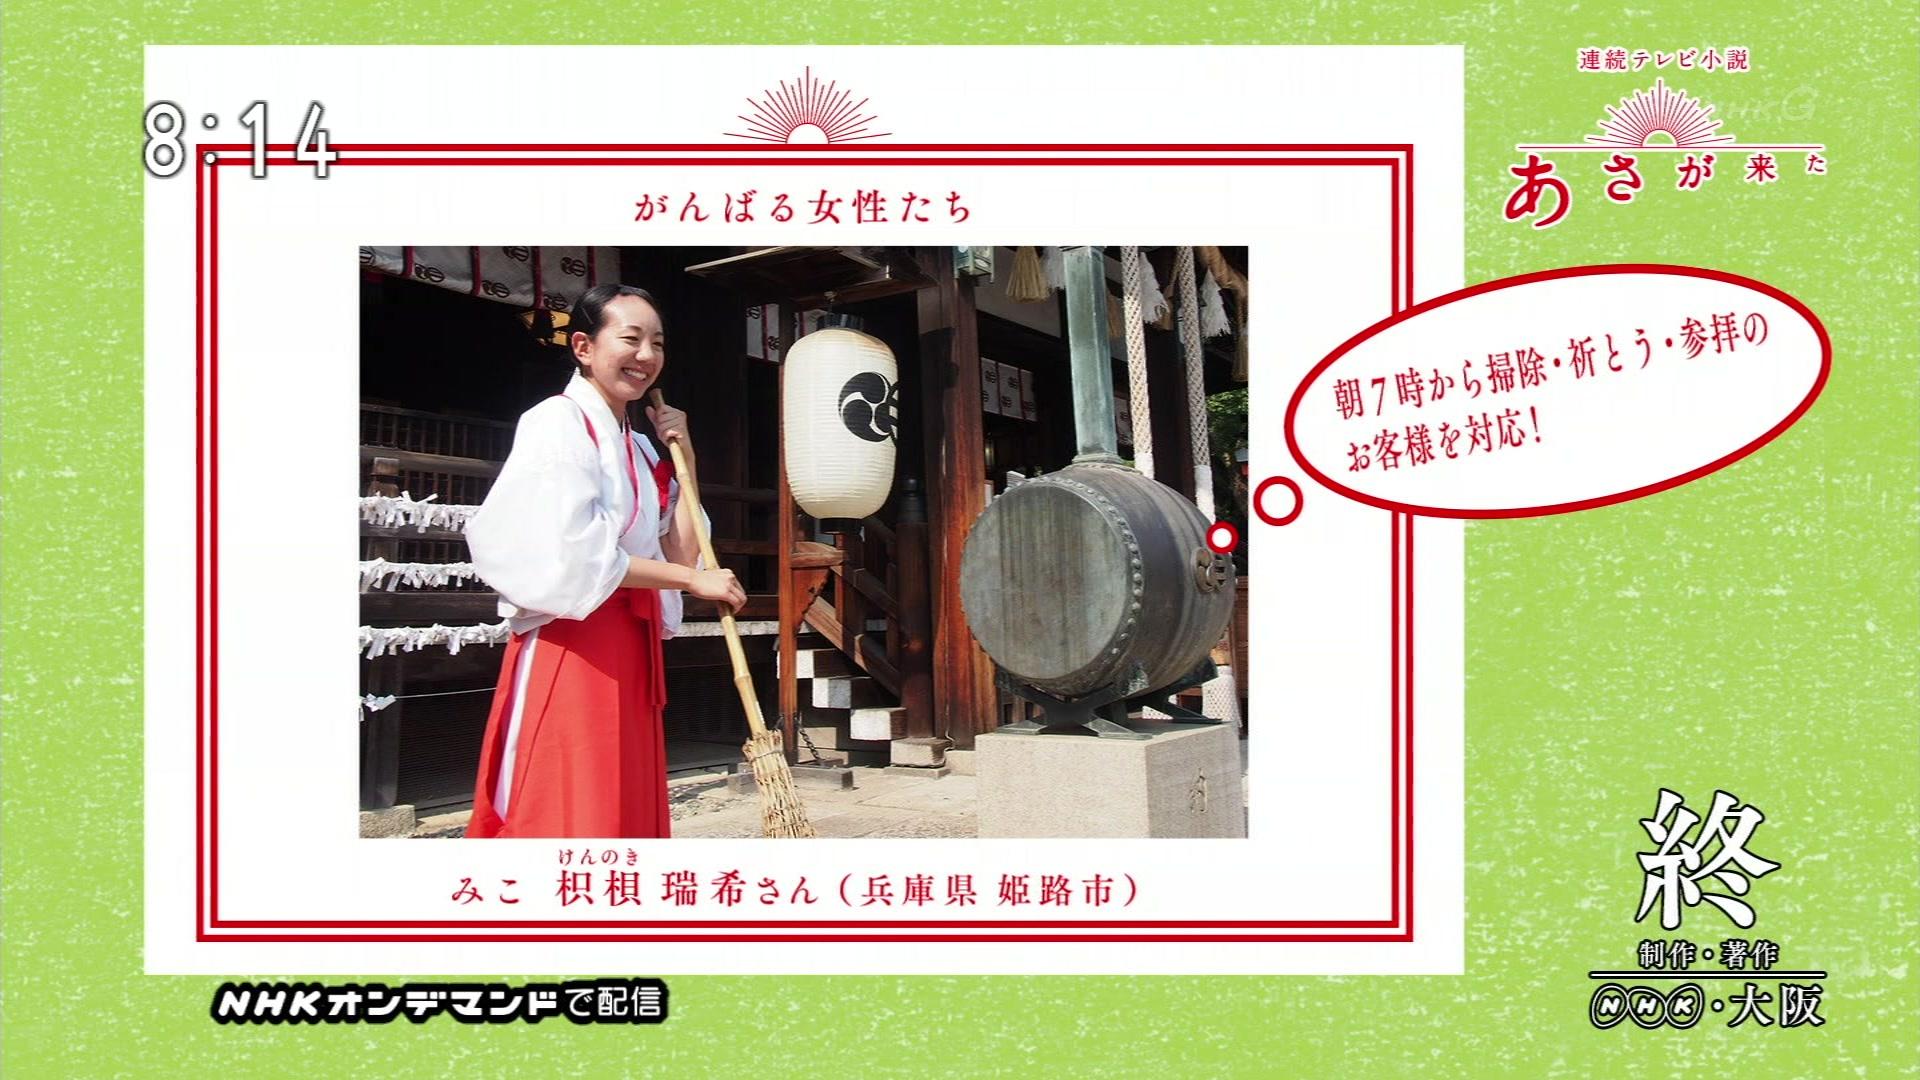 2015-09-28 08:00 連続テレビ小説 あさが来た(1)「小さな許嫁(いいなずけ)」 27254